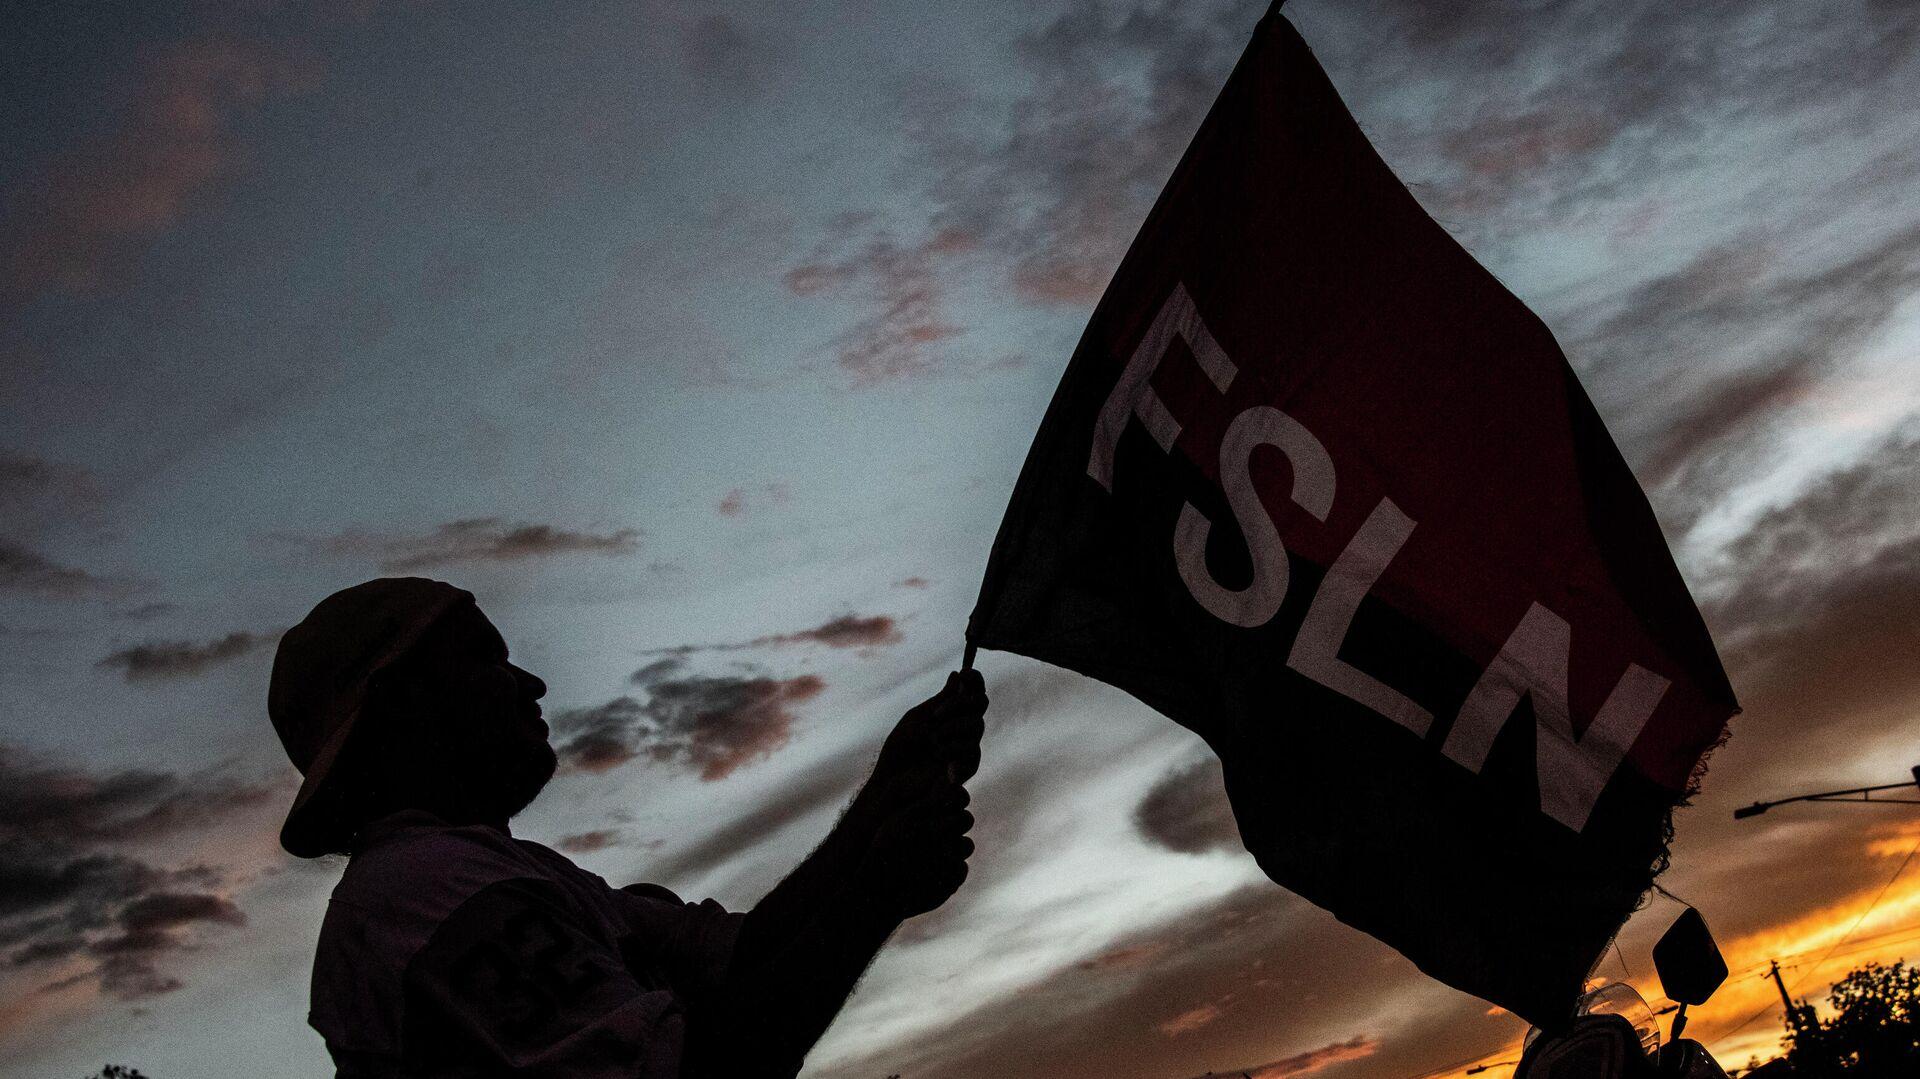 Un partidario del presidente nicaragüense Daniel Ortega ondea una bandera del Frente Sandinista de Liberación Nacional (FSLN) - Sputnik Mundo, 1920, 04.08.2021